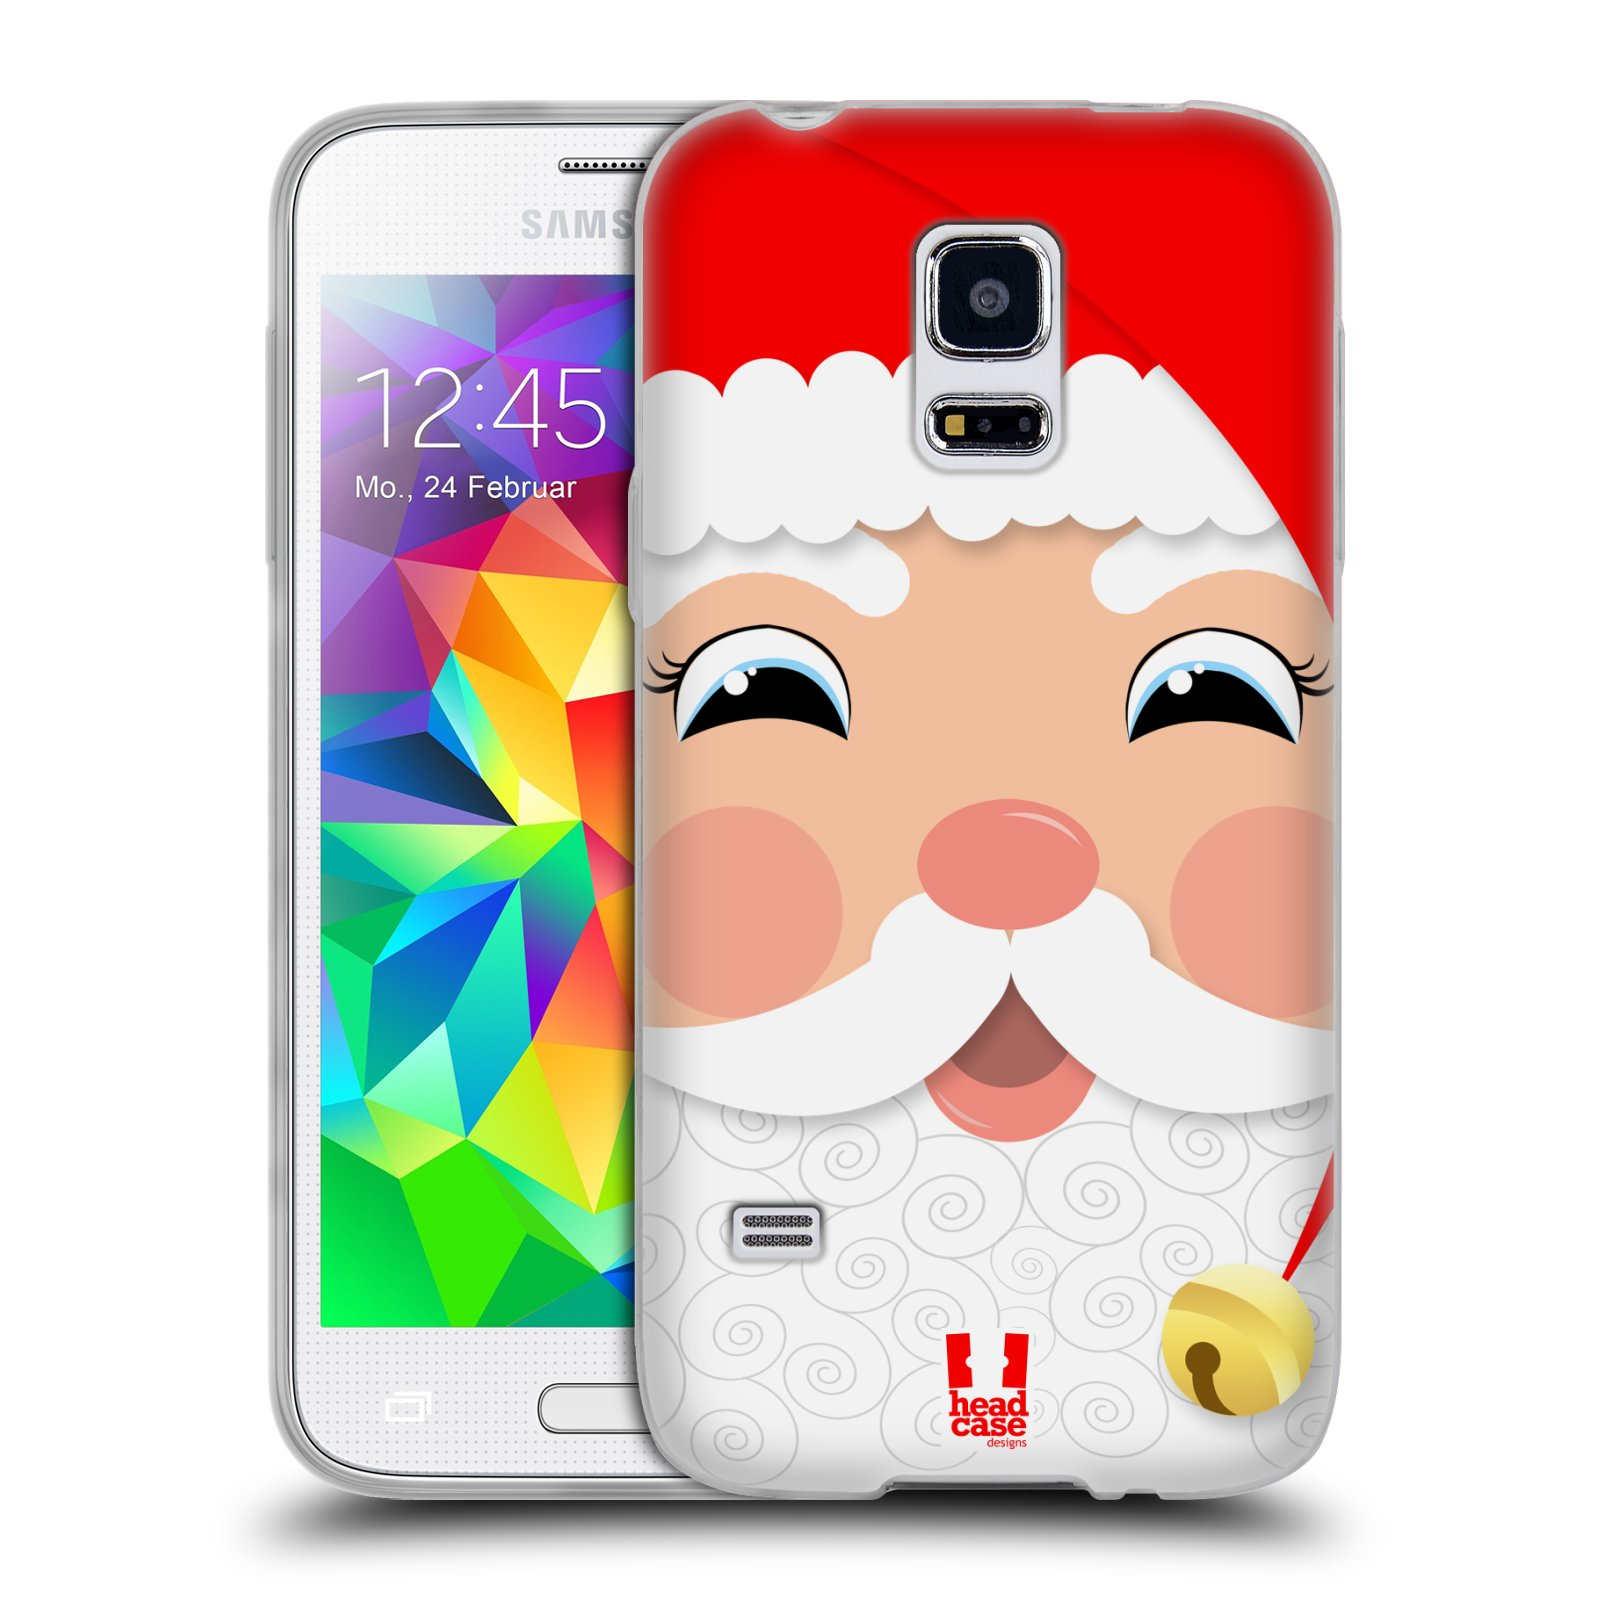 Silikonové pouzdro na mobil Samsung Galaxy S5 Mini HEAD CASE VÁNOCE SANTA (Silikonový kryt či obal na mobilní telefon Samsung Galaxy S5 Mini SM-G800F)